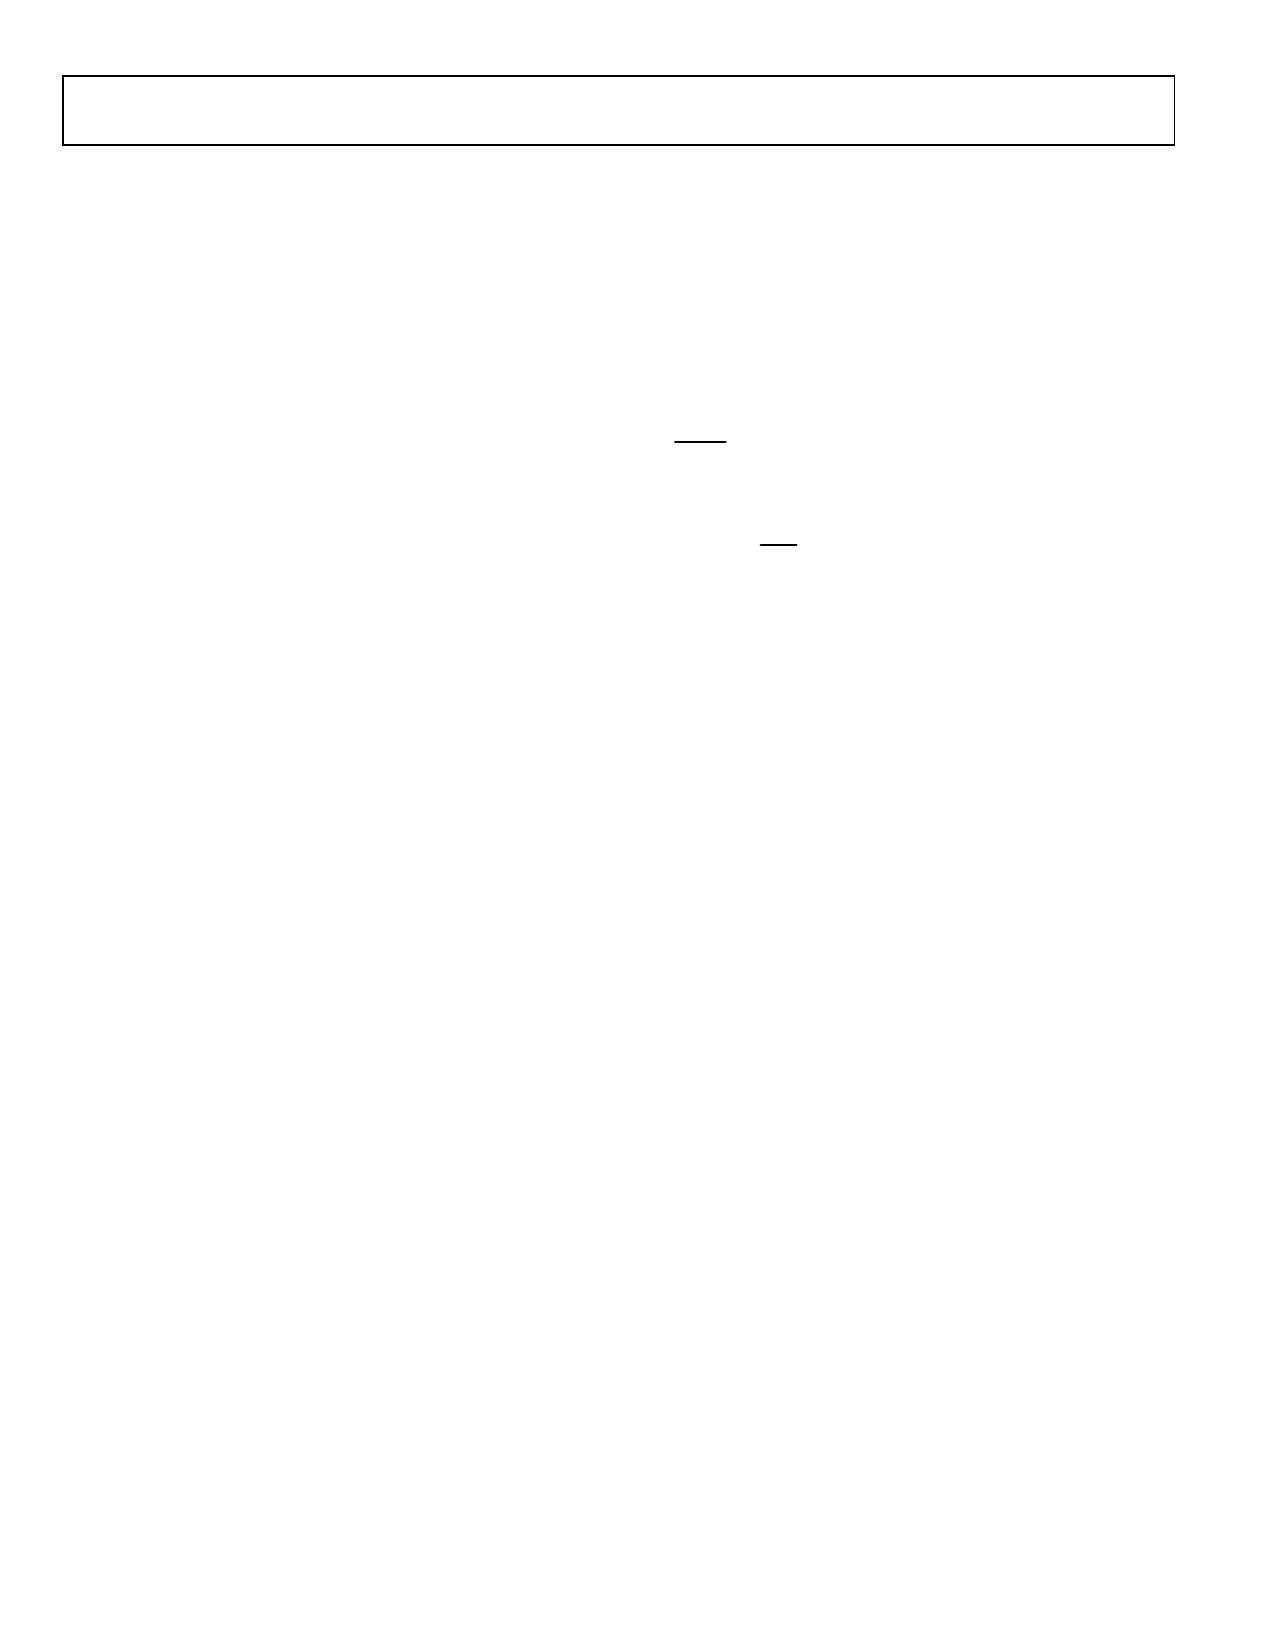 AD5667 Даташит, Описание, Даташиты